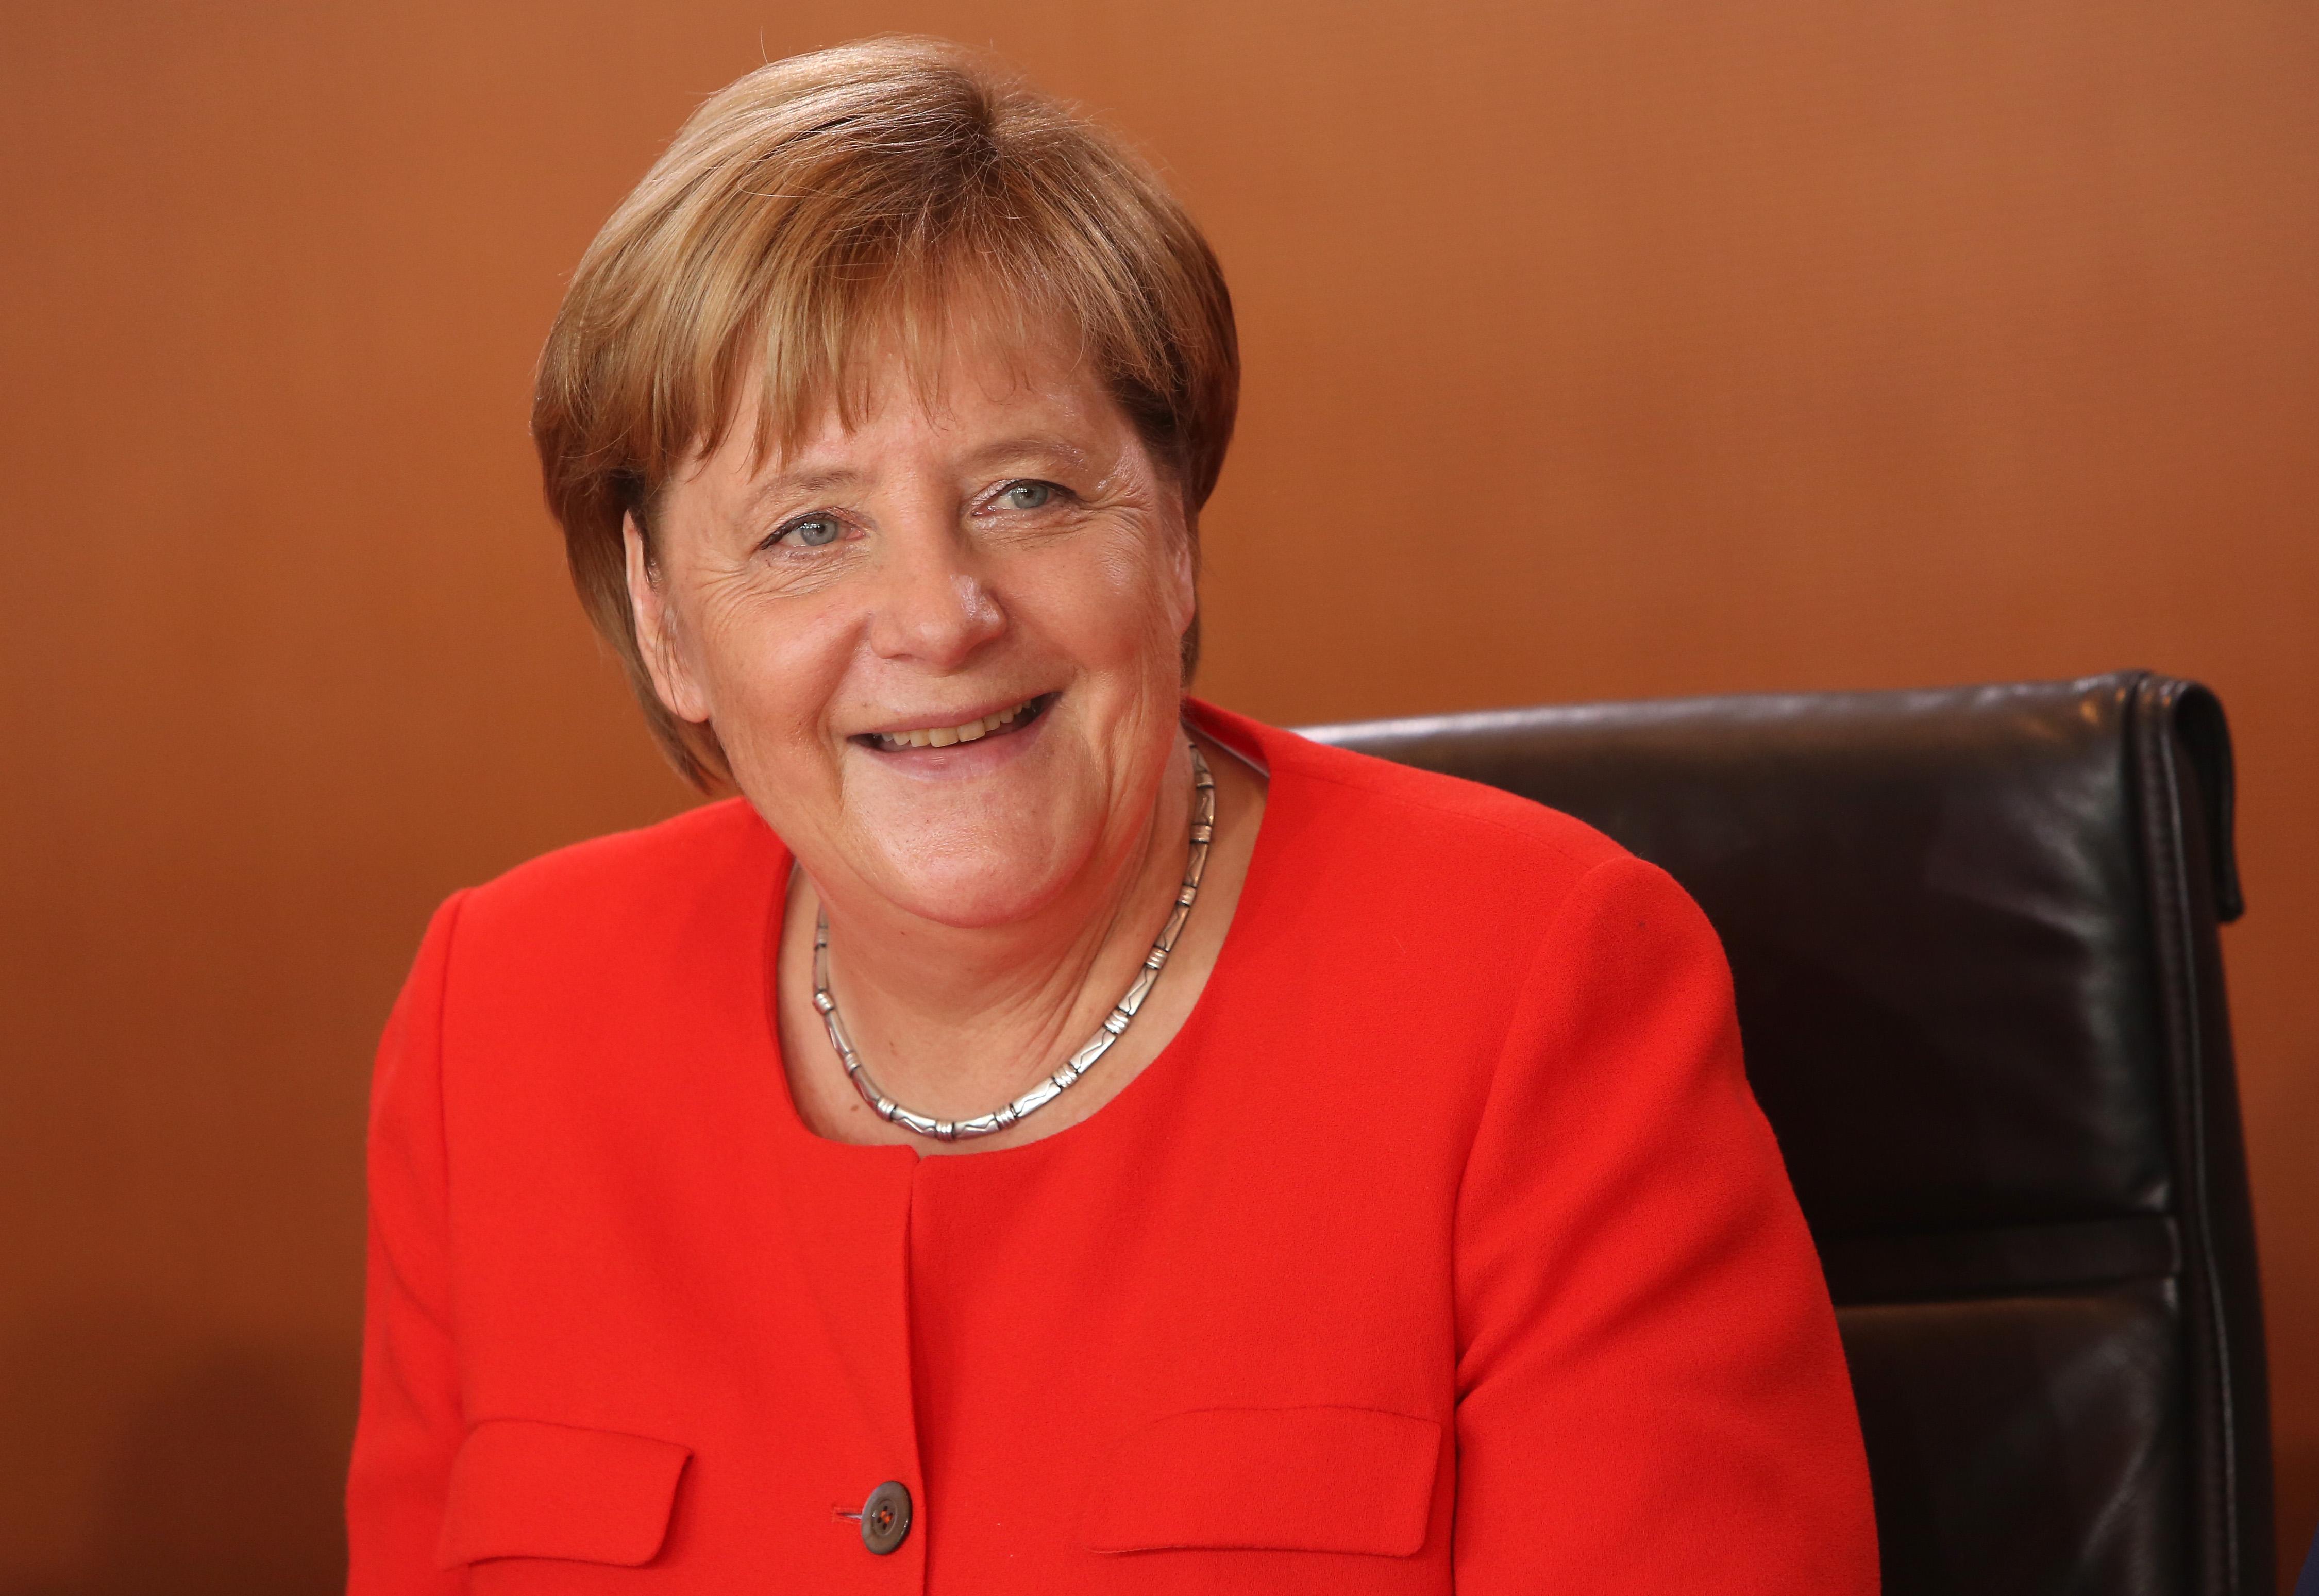 <p><strong>13. В коя партия членува майката на Меркел? -&nbsp;</strong>Б. Германска социалдемократическа партия (ГСДП)<br /> <strong>14. Кого Меркел умее да имитира особено сполучливо? -&nbsp;</strong>А. Владимир Путин<br /> <strong>15. Какво обича да пие Меркел на закуска? -&nbsp;</strong>В. Чай от мента<br /> &nbsp;</p>